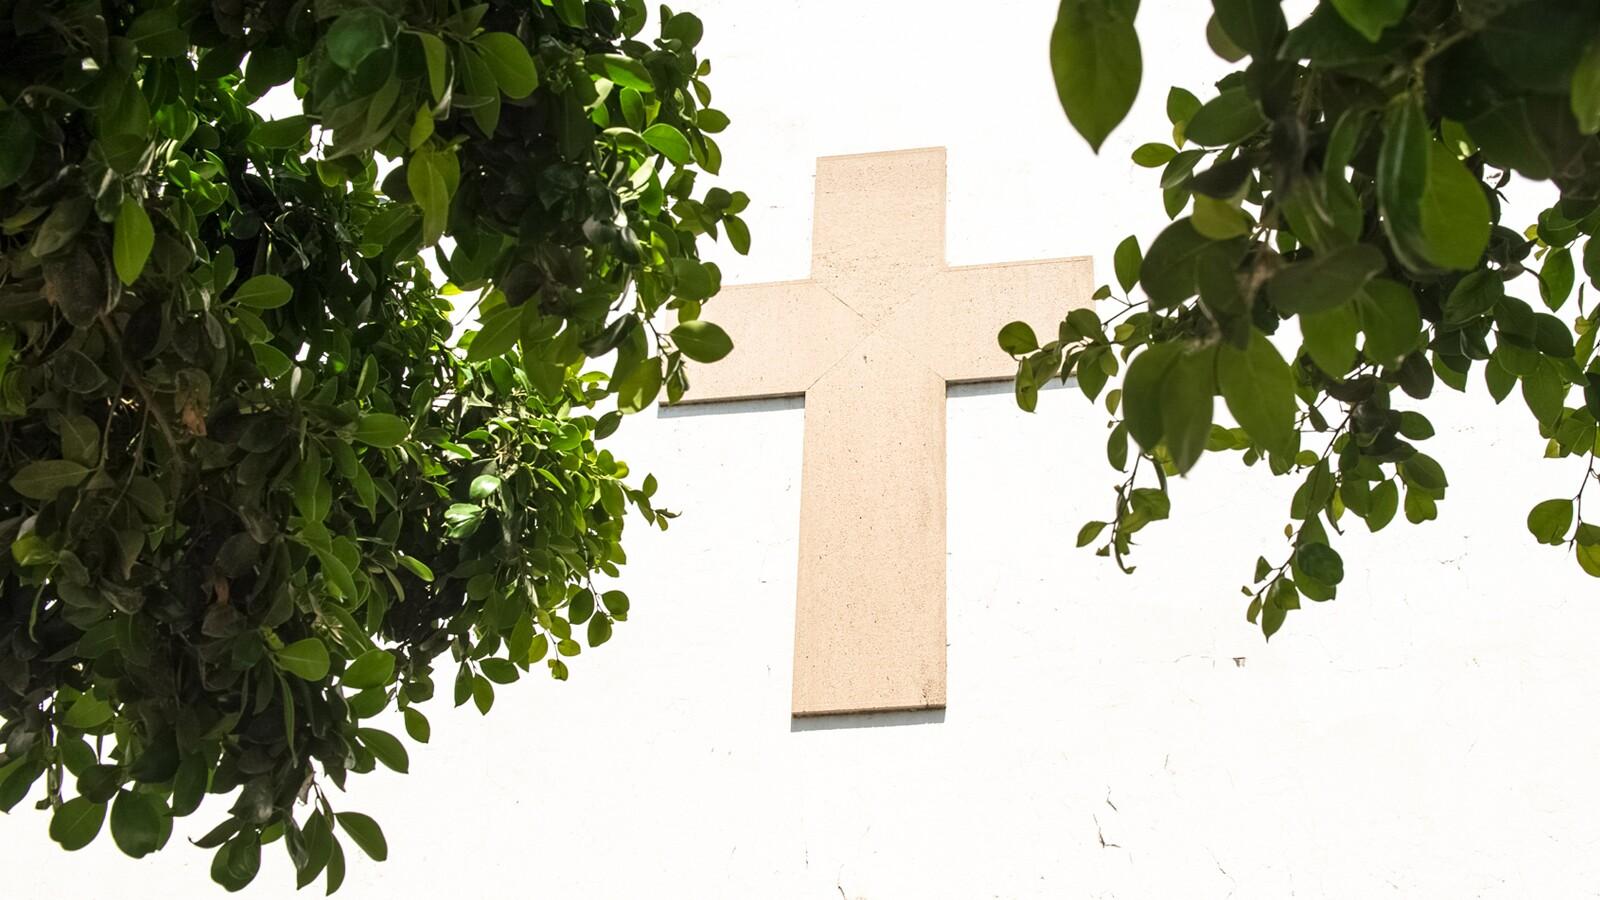 28 août 2016 à Casablanca. Le Temple protestant de la paroisse de Casablanca de l'Eglise evangelique du Maroc. Un lieu très fréquenté par les communautés protestantes étrangères, les Marocains préférant faire profil bas et prier dans des secret churchs installées dans des lieux privés. DAVID RODRIGUES / LE DESK